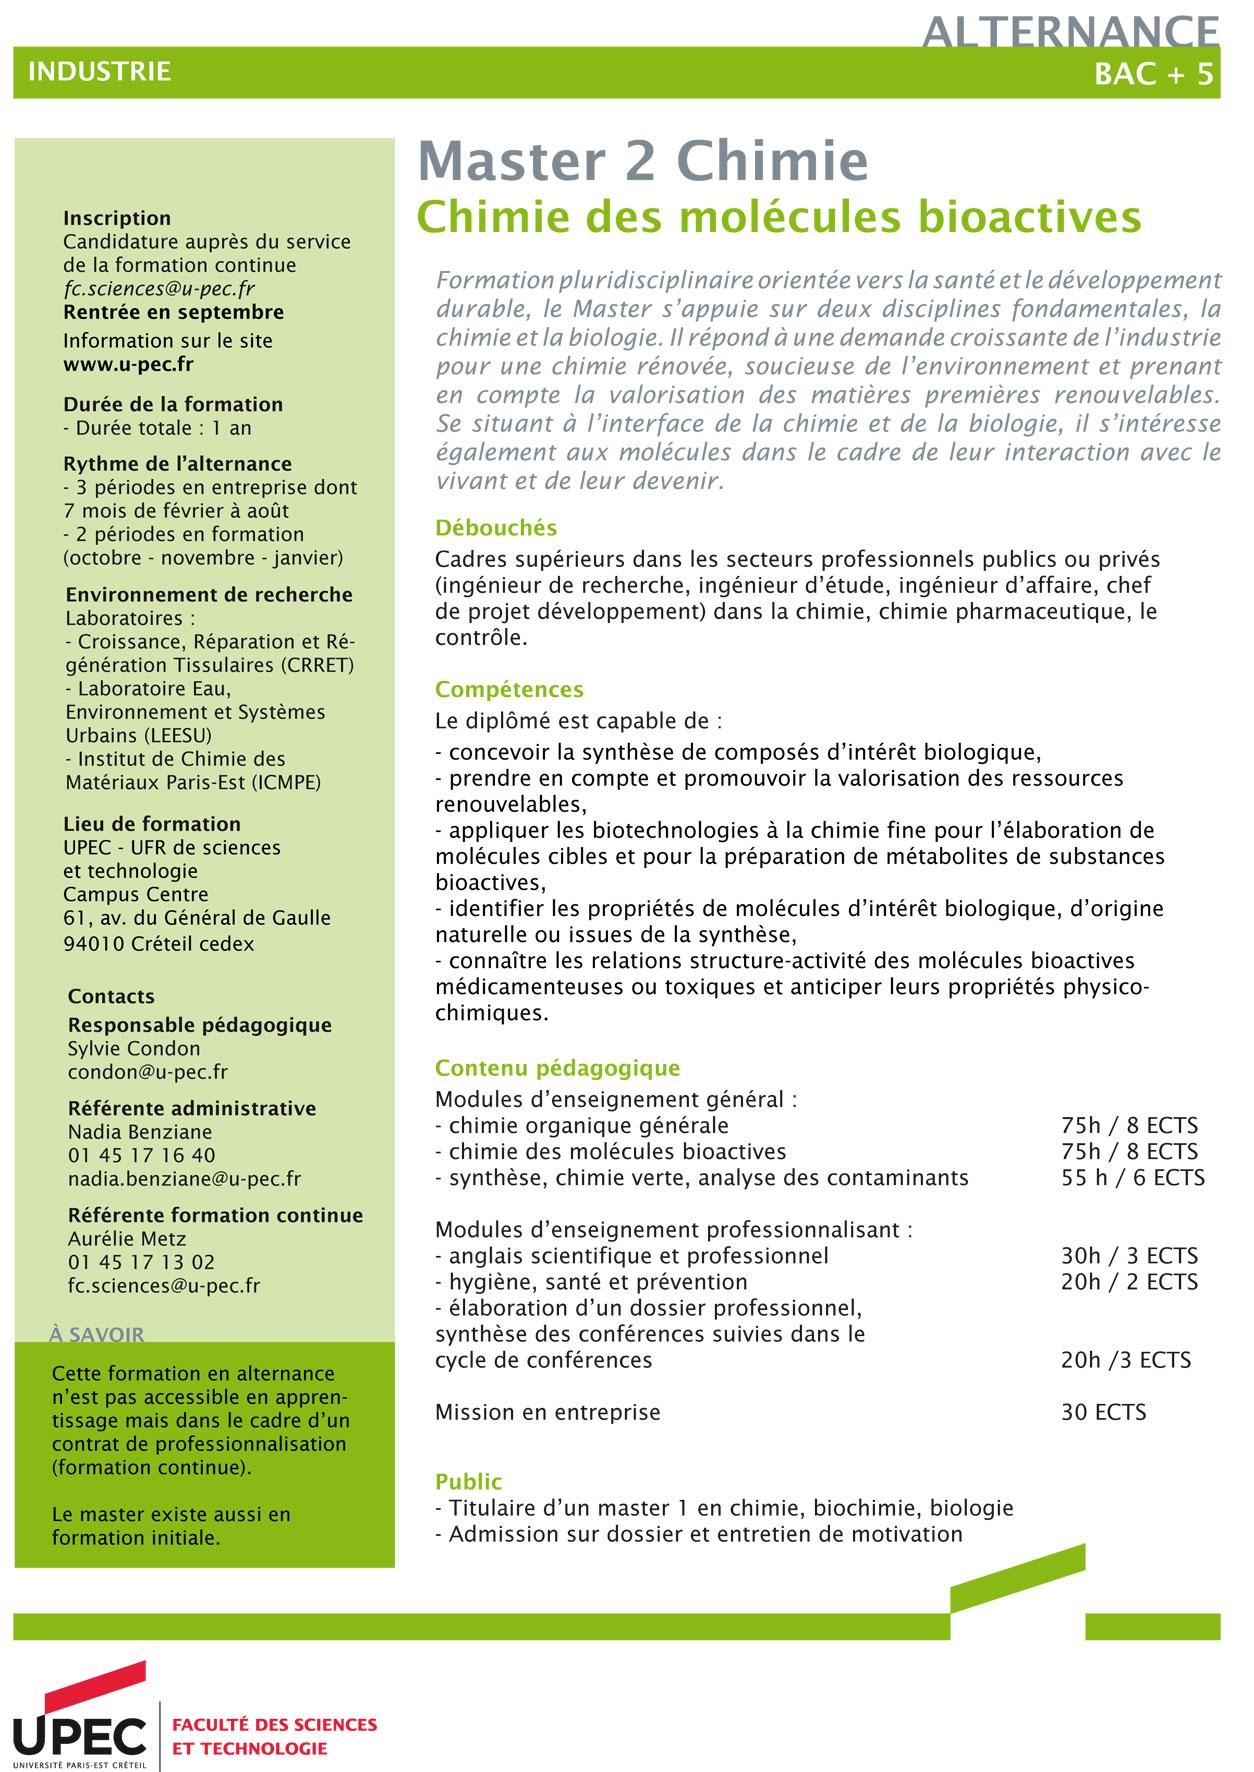 Upec Master Chimie Parcours Chimie Des Molécules Bioactives